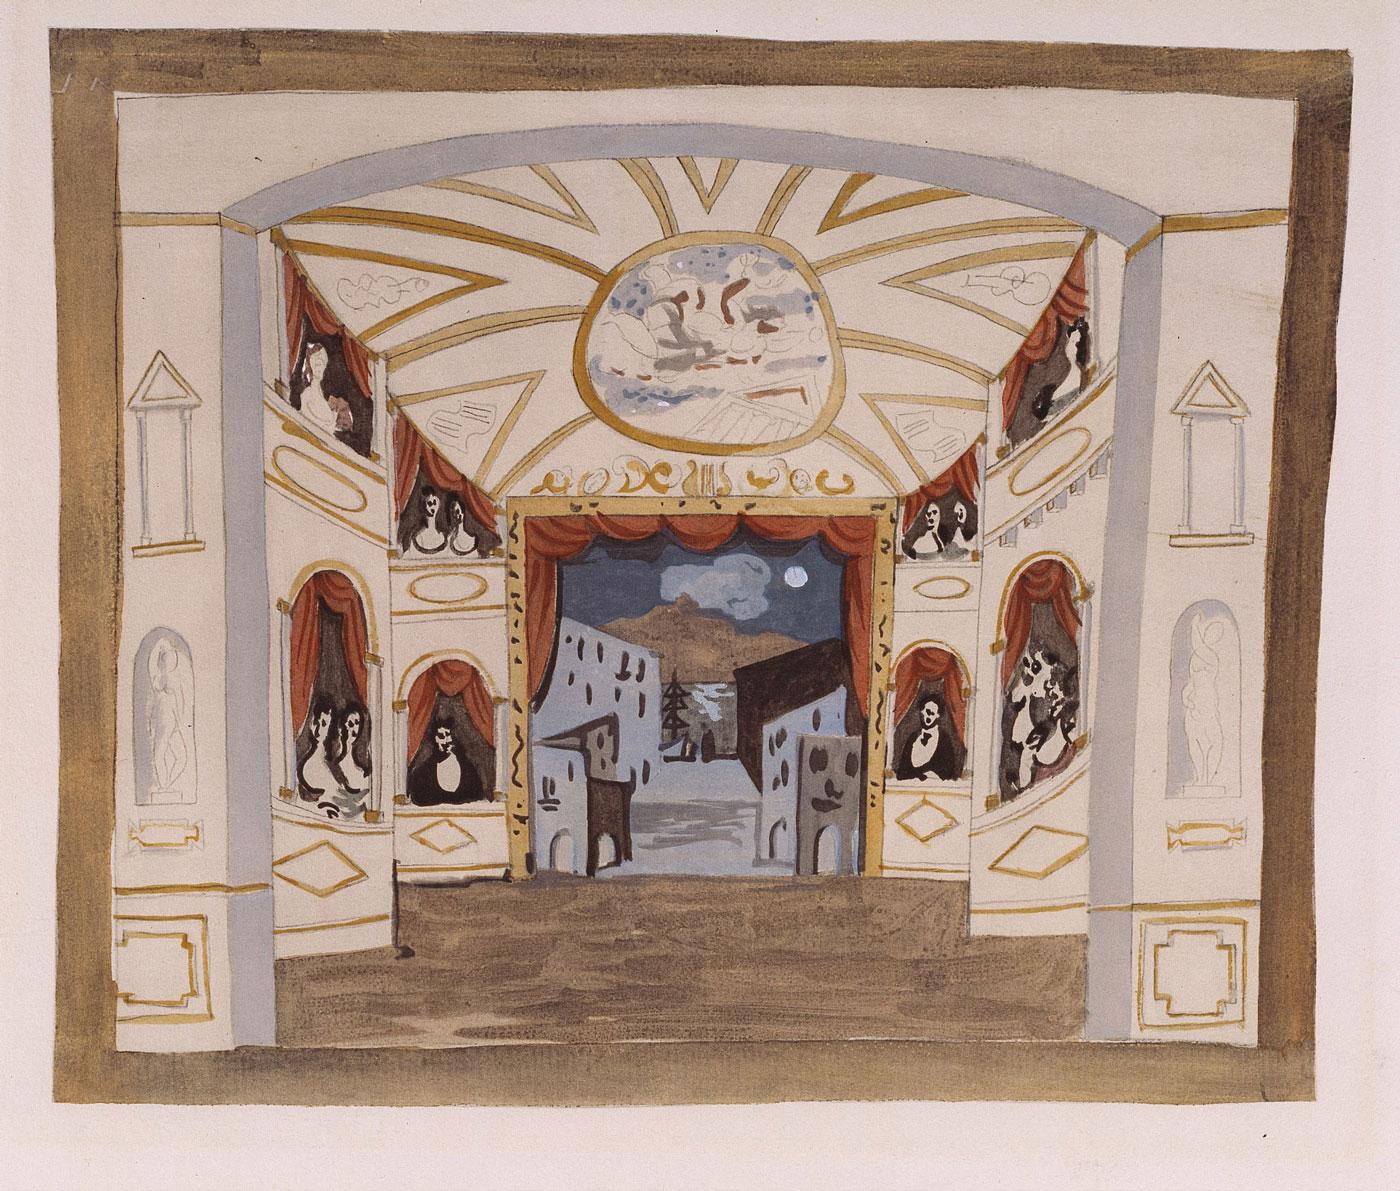 Pablo Picasso (after) Étude de décor pour le ballet Pulcinella [ca. 1920] Jacomet process | BnF / Bibliothèque-musée de l'Opéra © Succession Picasso 2018